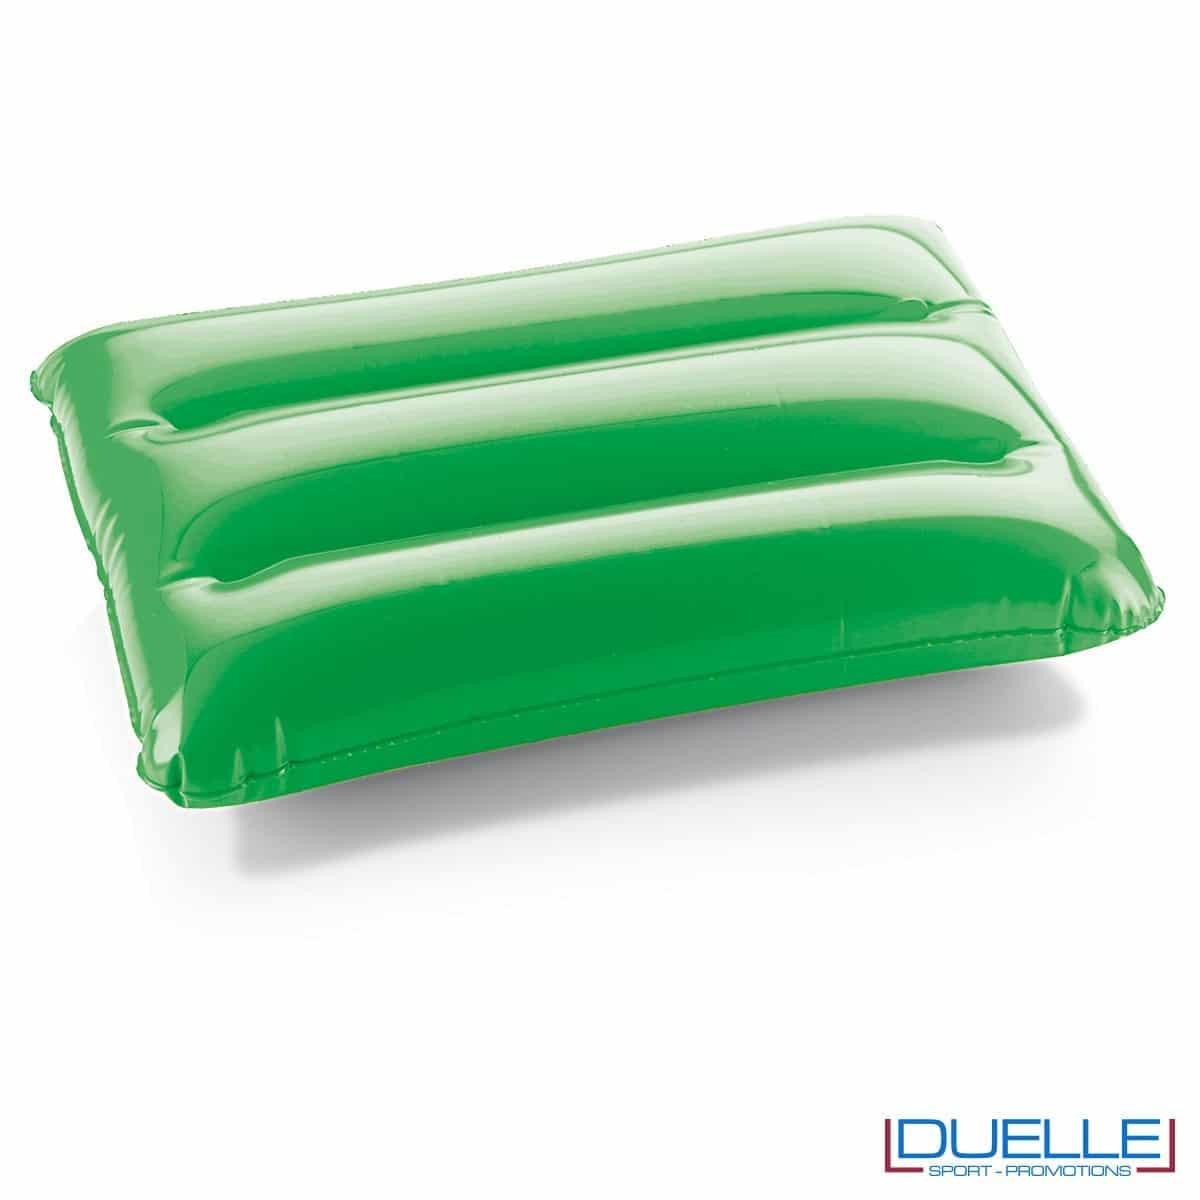 cuscino gonfiabile personalizzato verde, cuscino da spiaggia gonfiabile personalizzato